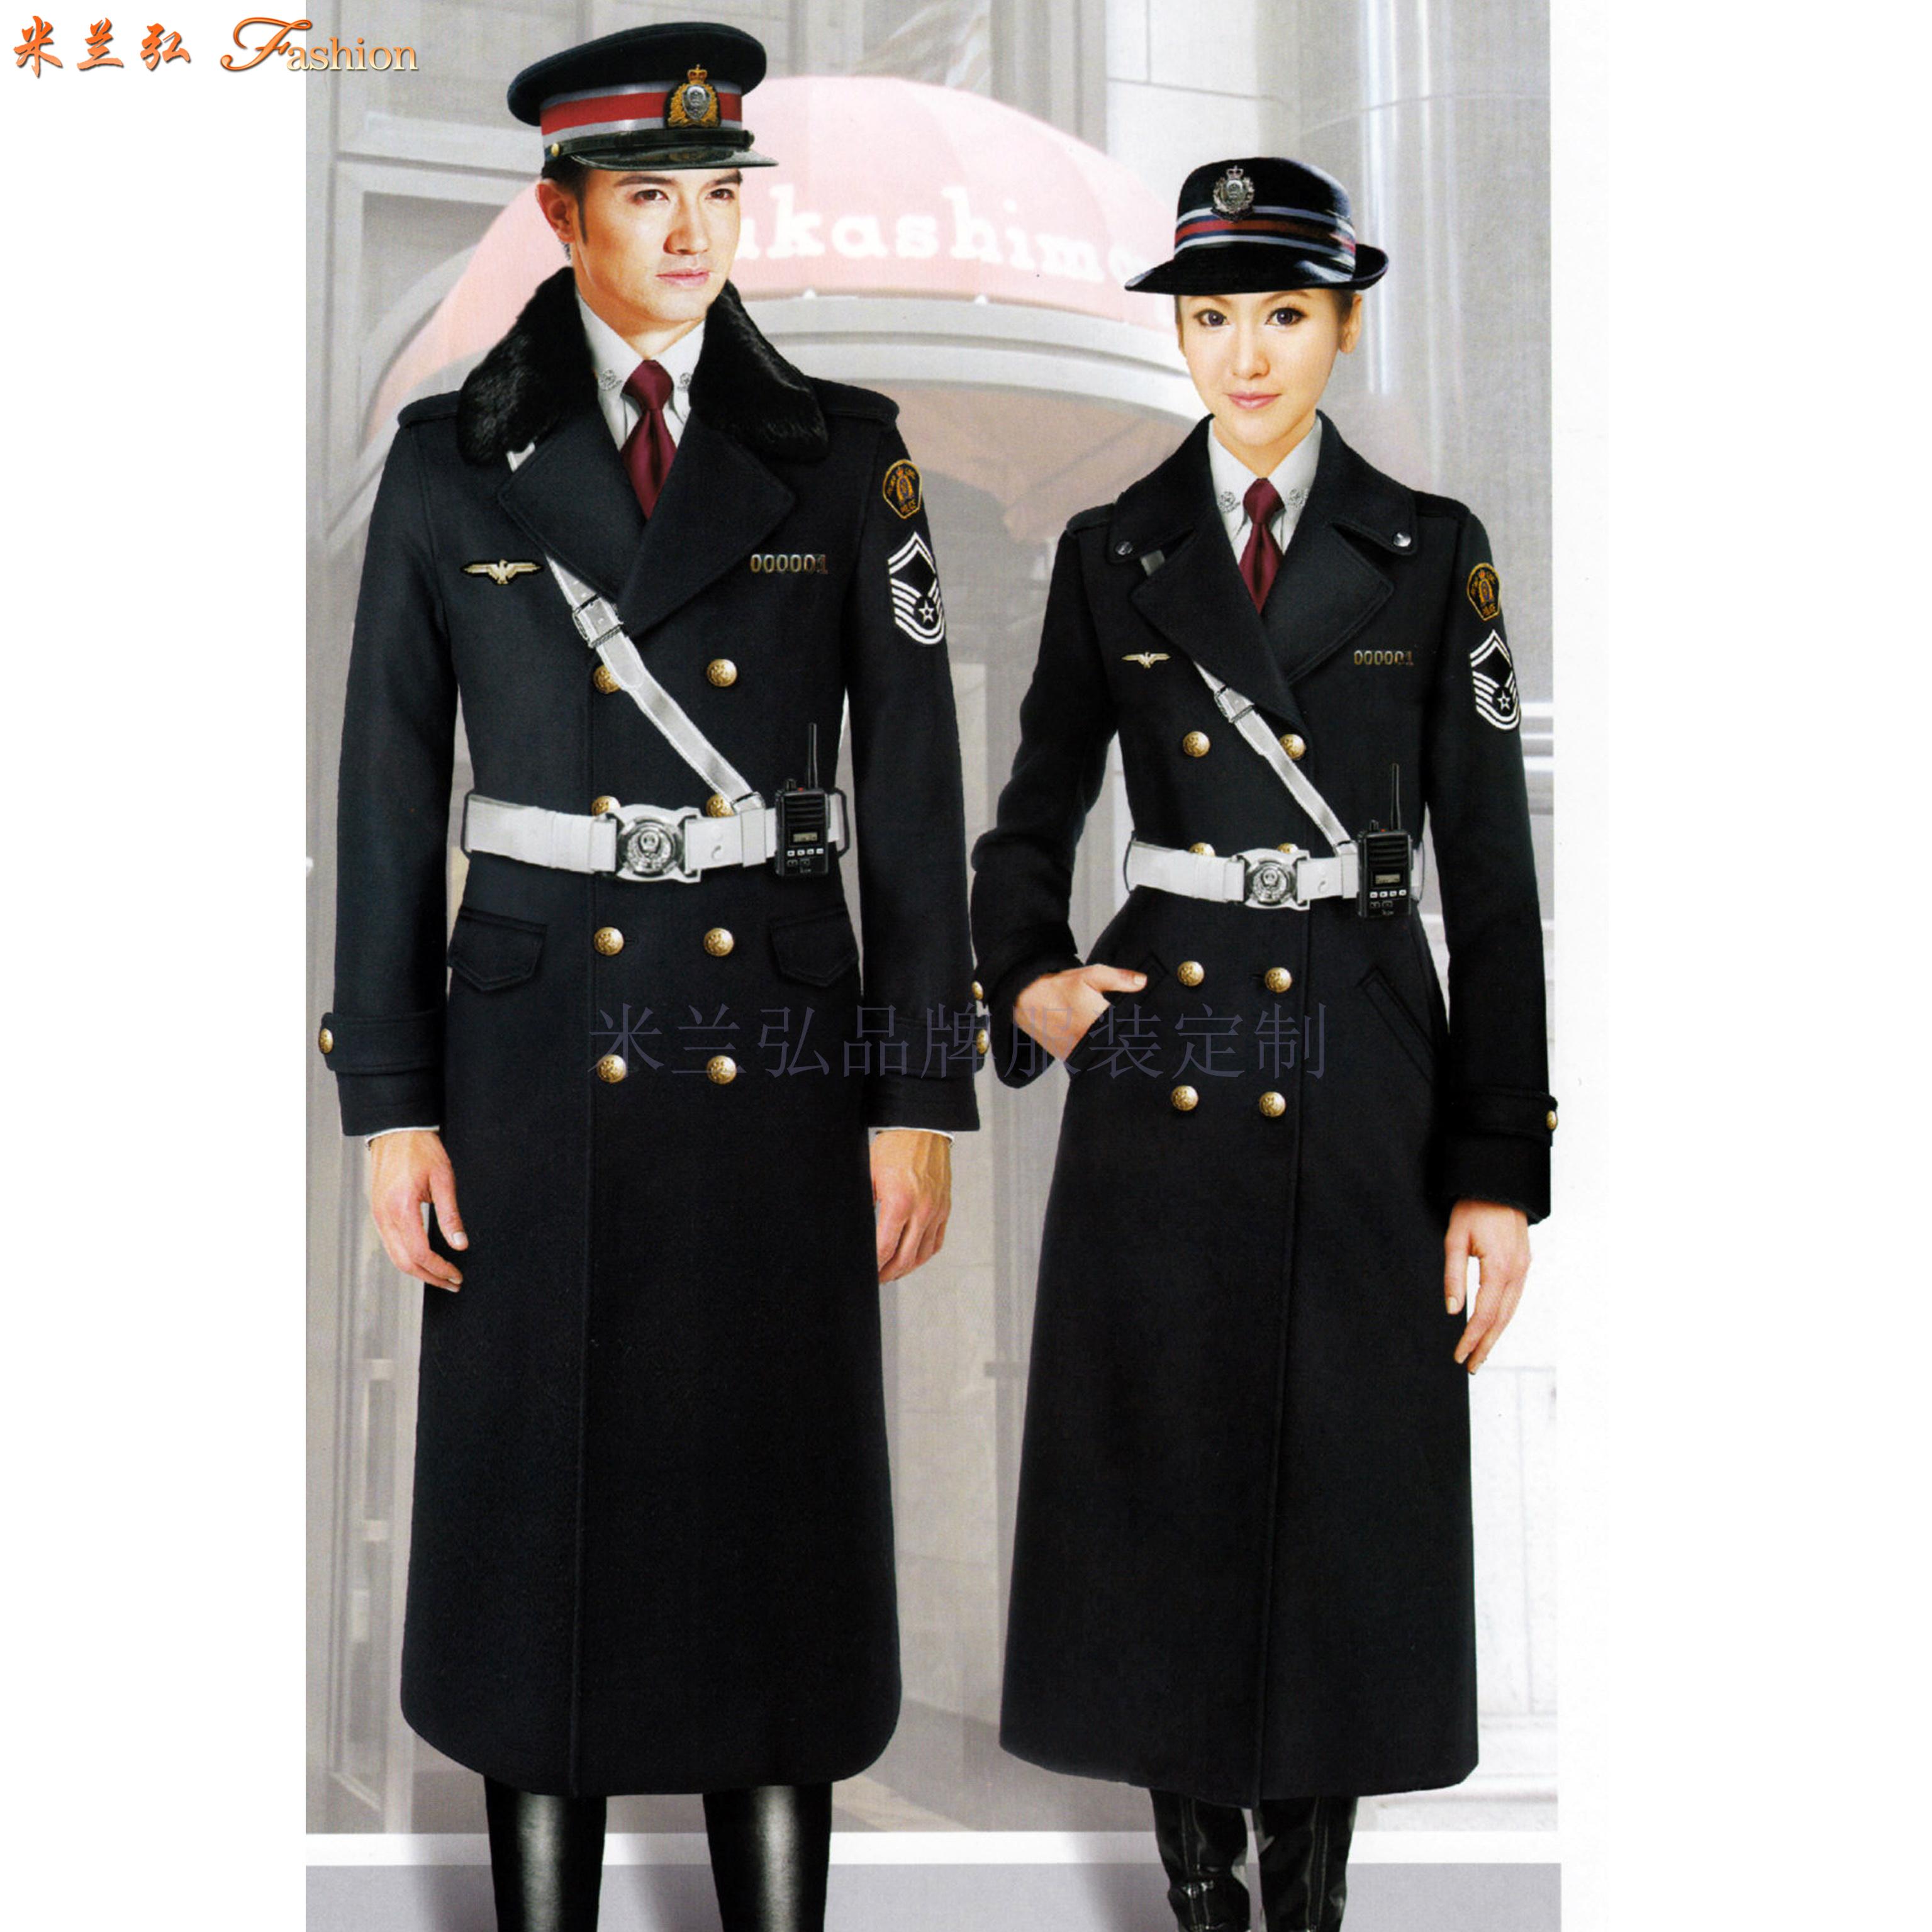 「地鐵大衣定做」「地鐵大衣訂制」「地鐵大衣制作」米蘭弘服裝-3